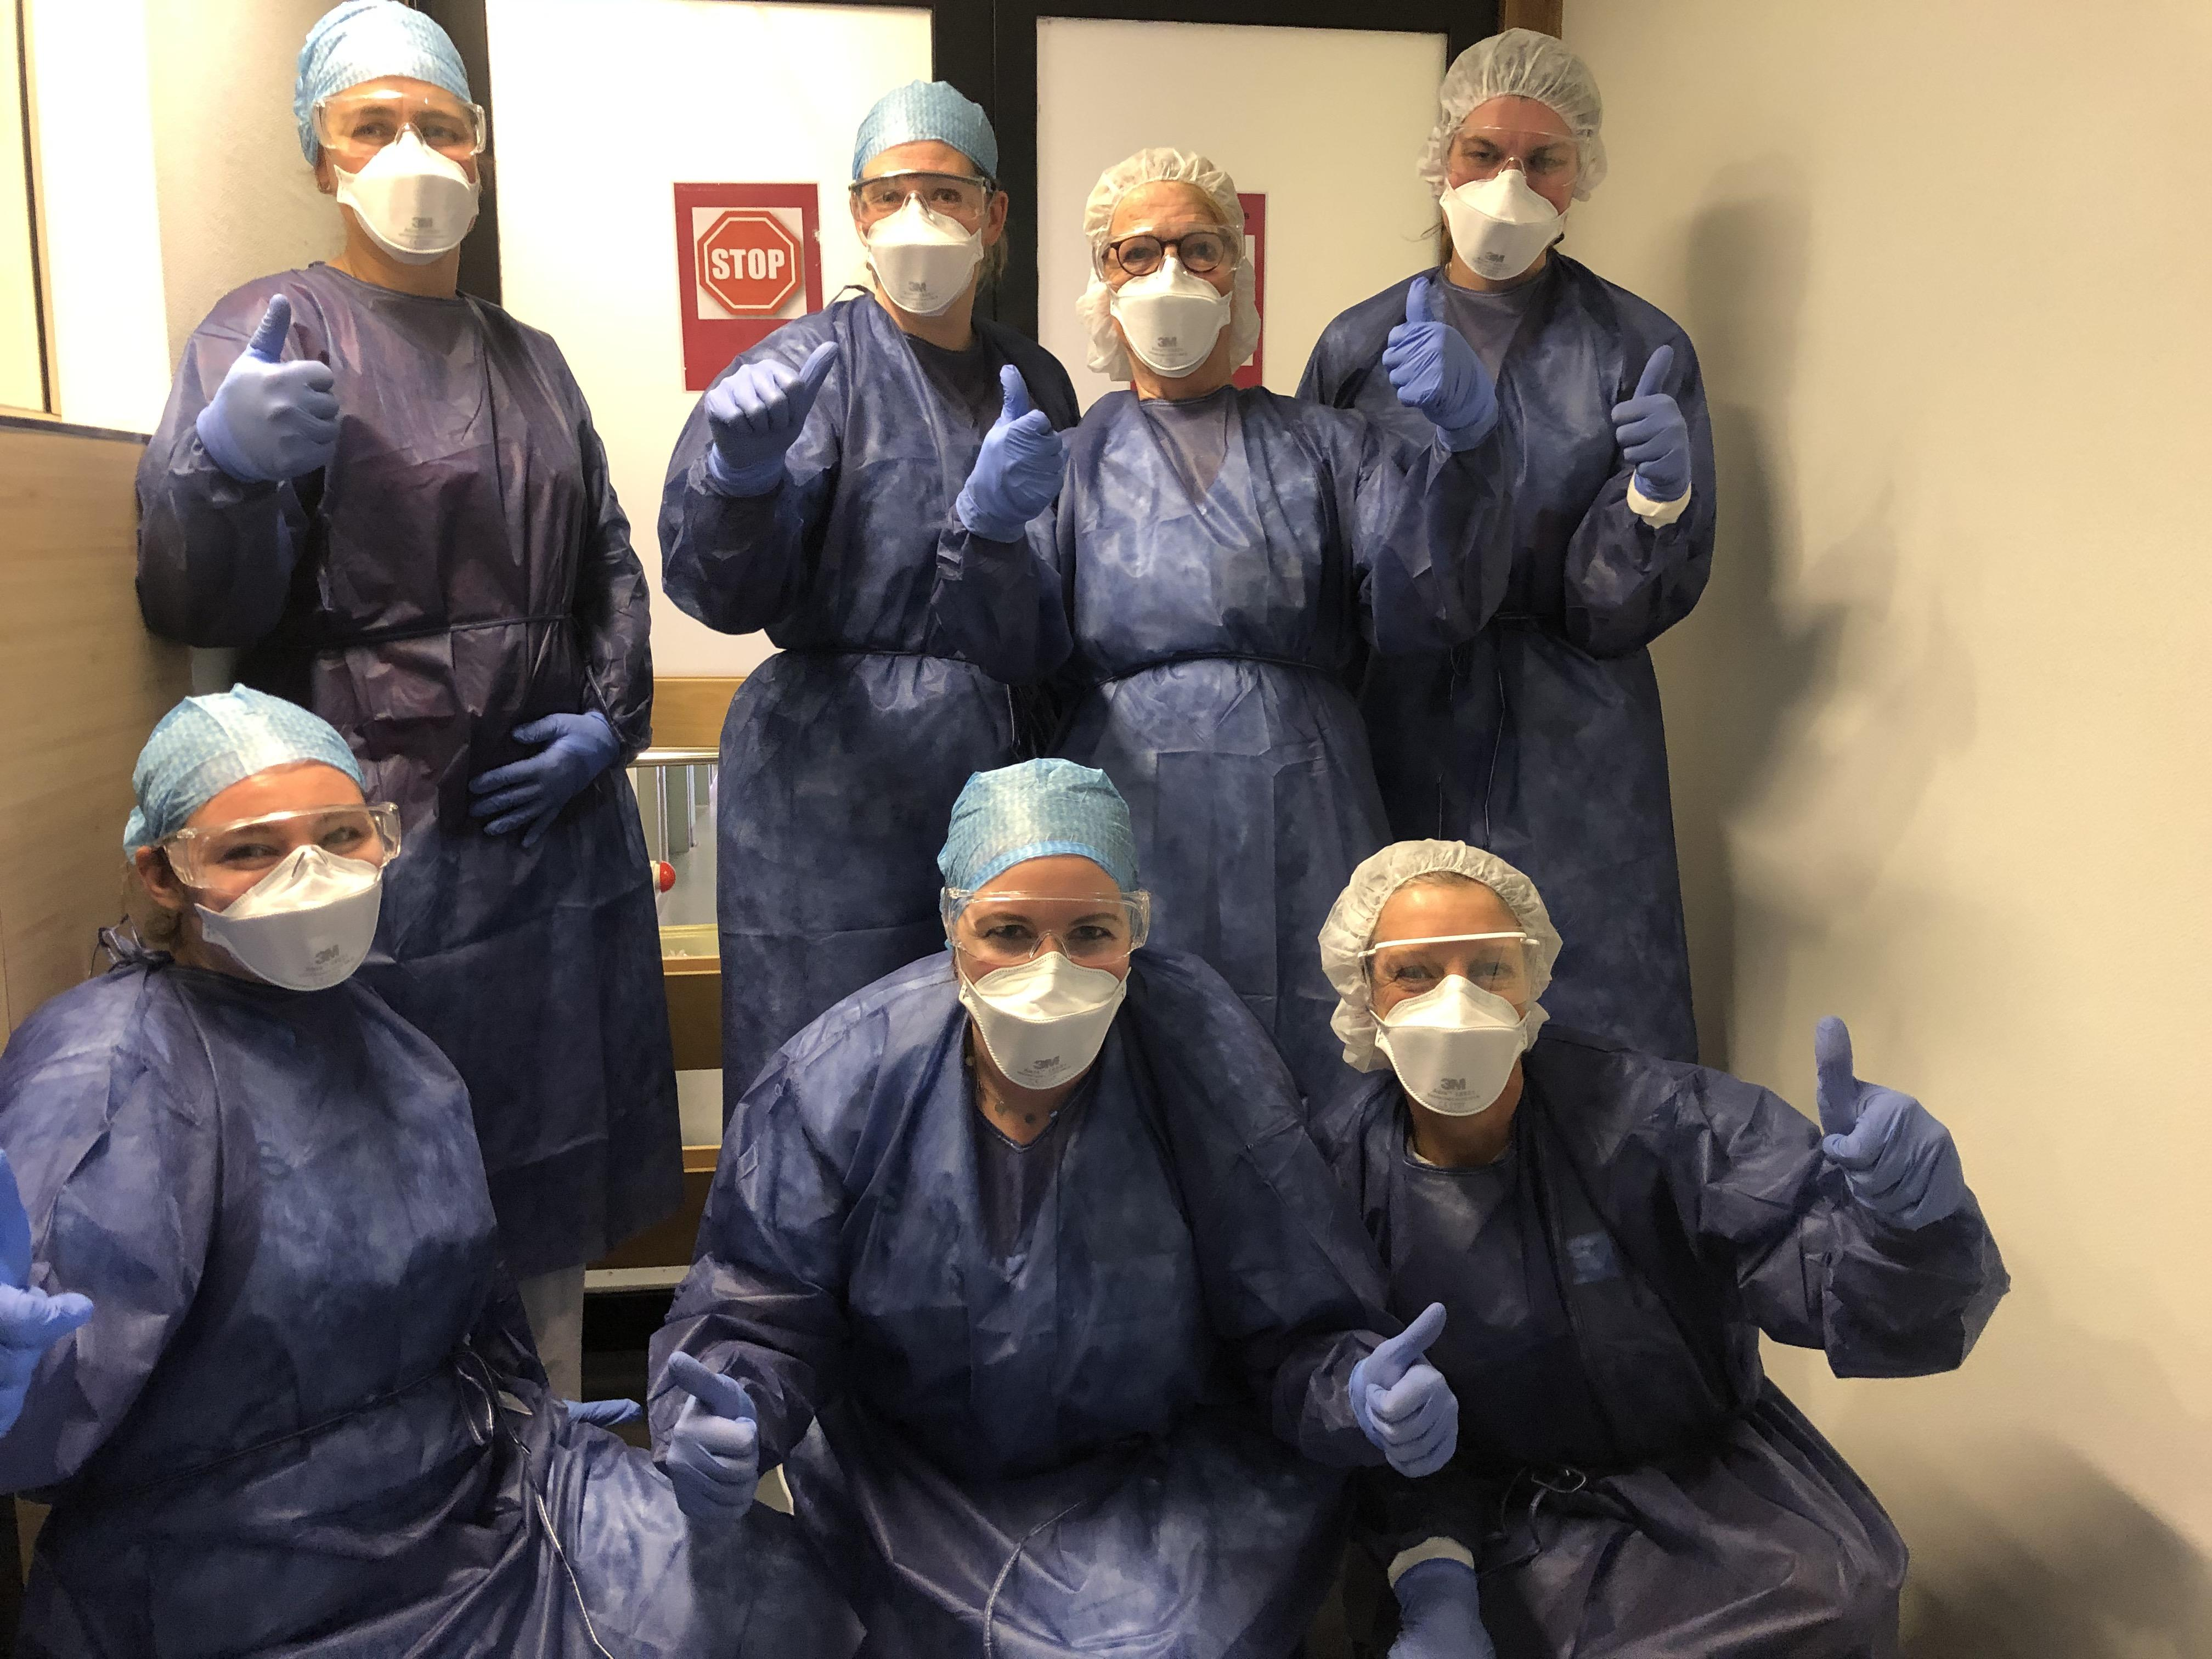 Nu aan het werk op de corona-care unit: 'Mijn sokken laten zien wie ik ben'